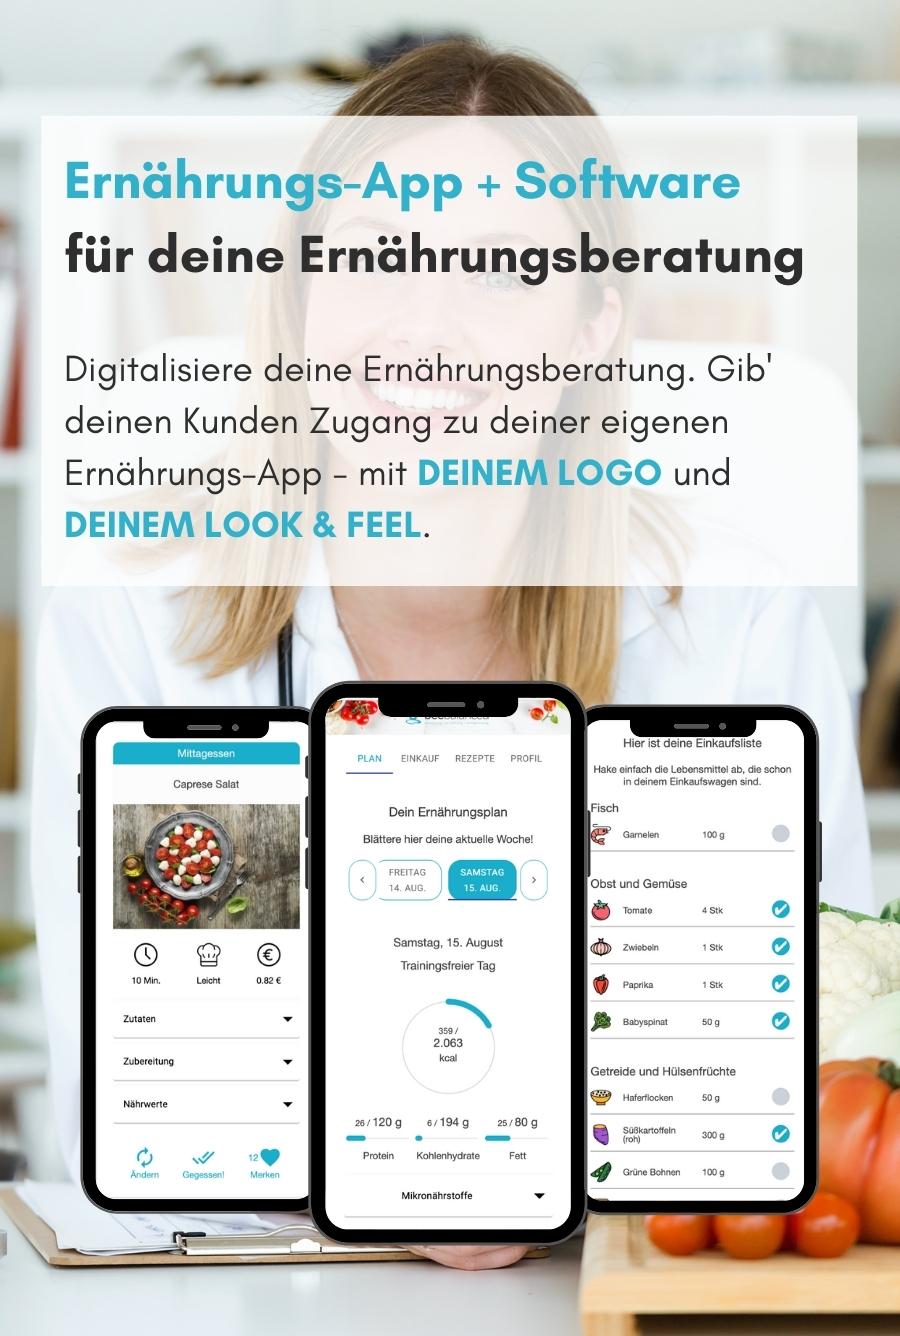 Ernährungs-App für Ernährungsberater als Software für Ernährungsberatung - Ernährungspläne erstellen leicht gemacht